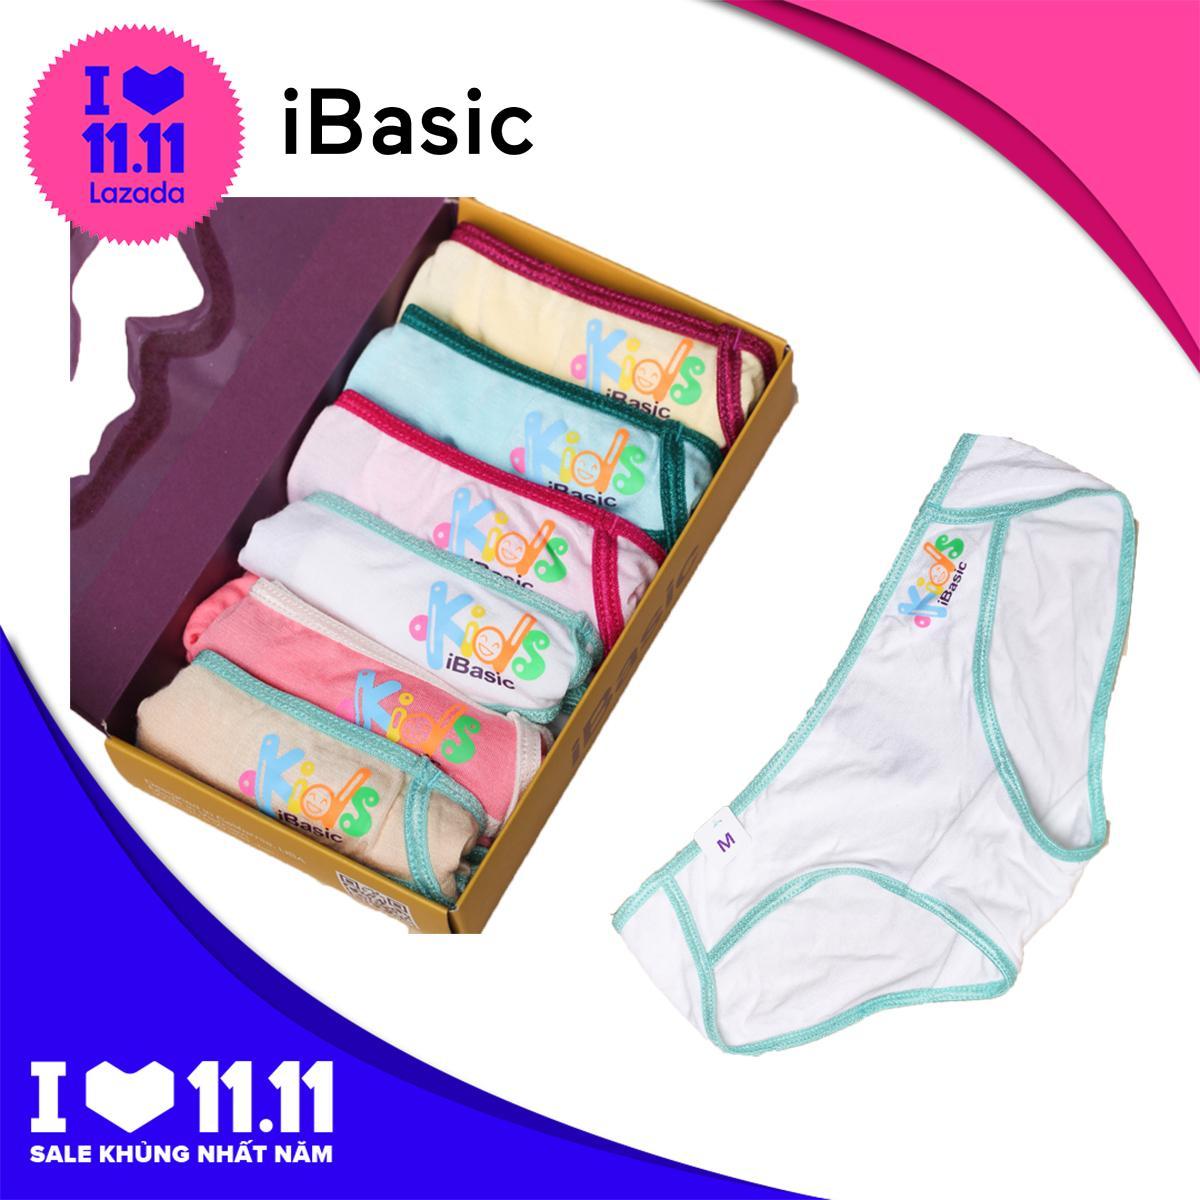 Giá bán Hộp 6 cái quần lót bé gái bikini iBasic KG001P tặng túi bảo vệ môi trường